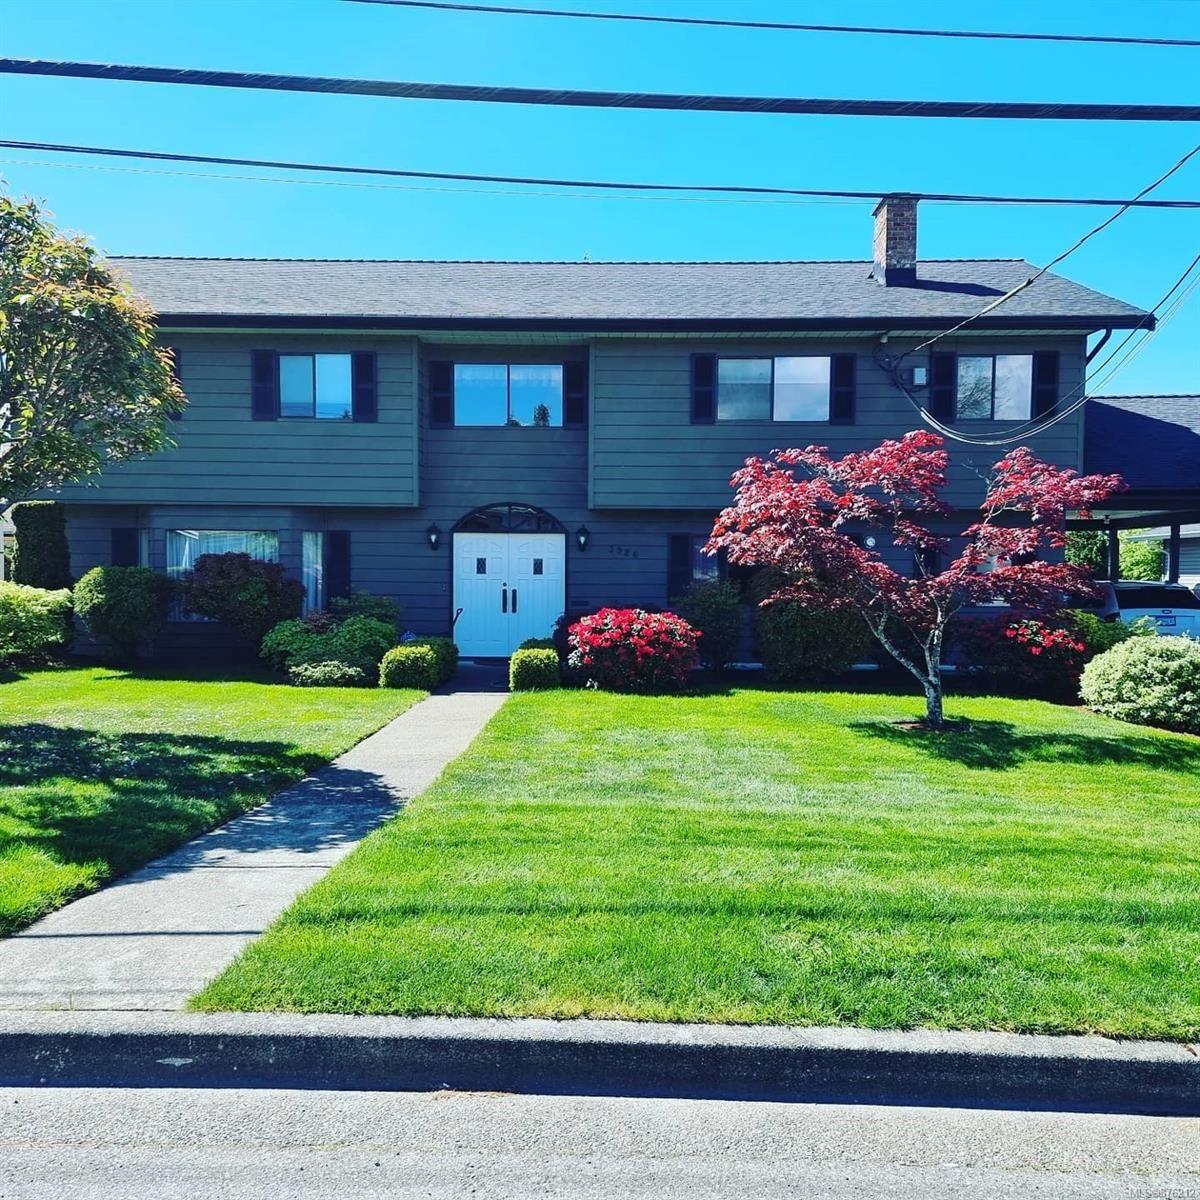 Main Photo: 3926 Compton Rd in : PA Port Alberni House for sale (Port Alberni)  : MLS®# 876212